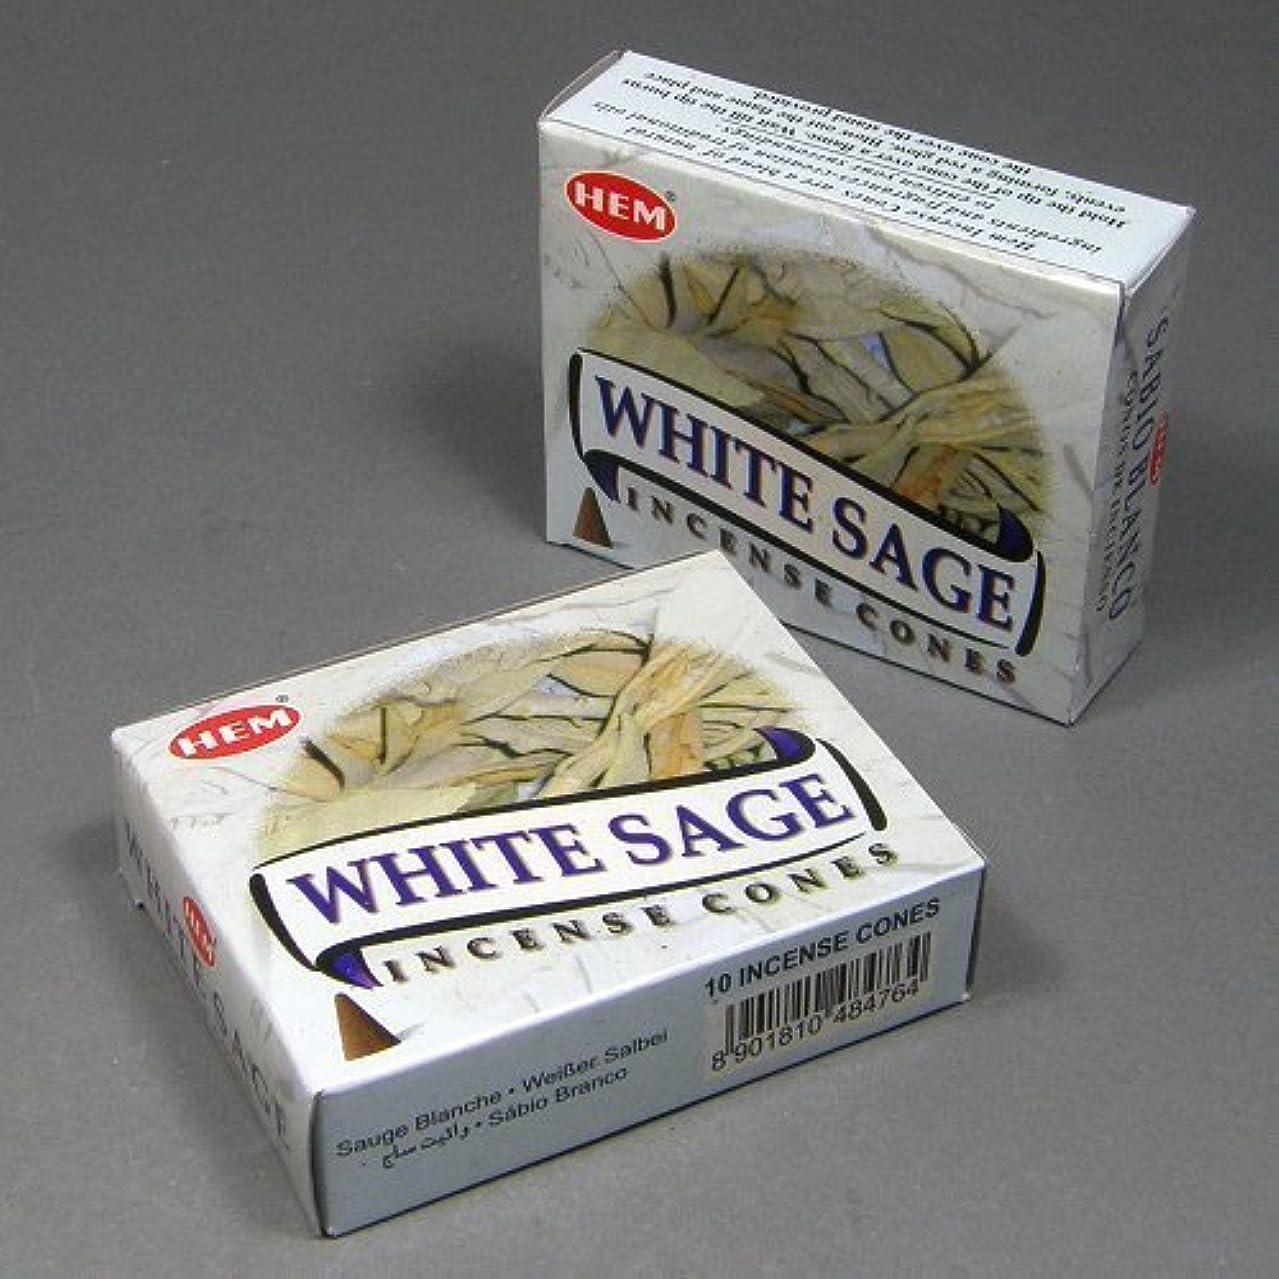 インセンティブ余分な決定するHemホワイトセージ香Dhoop Cones、10円錐のペアボックス